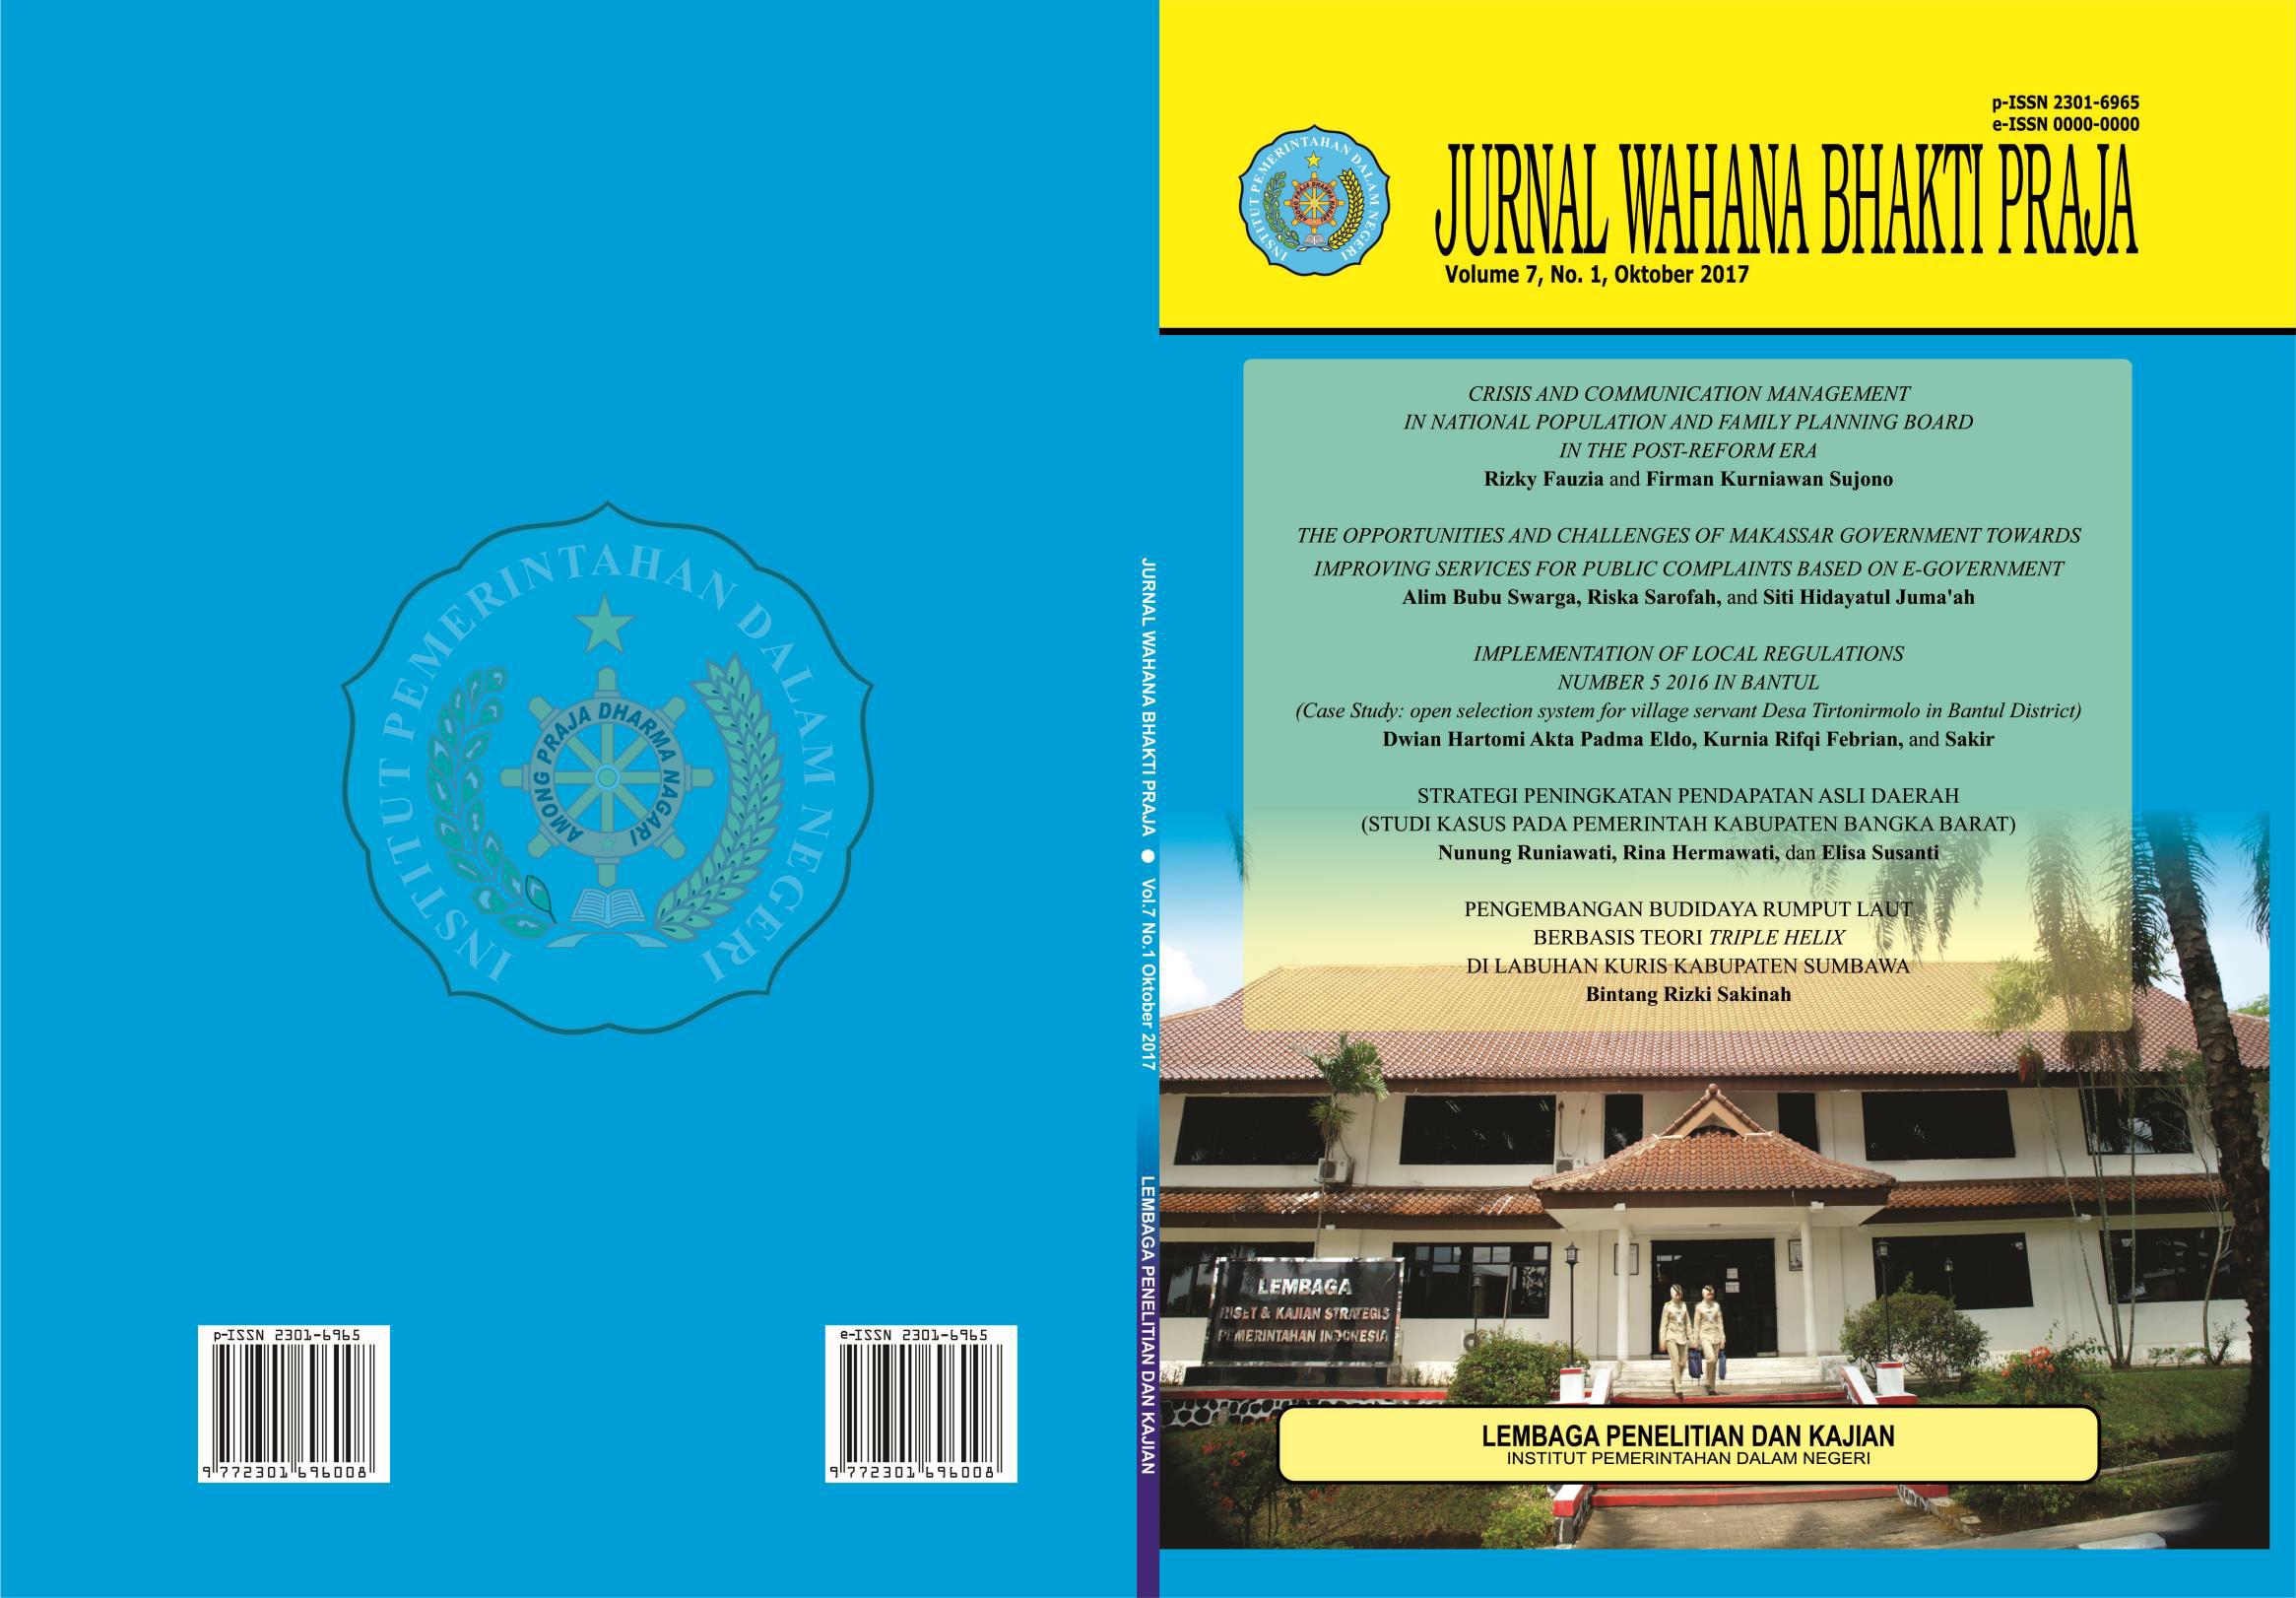 Strategi Peningkatan Pendapatan Asli Daerah Studi Kasus Pada Pemerintah Kabupaten Bangka Barat Jurnal Ilmiah Wahana Bhakti Praja